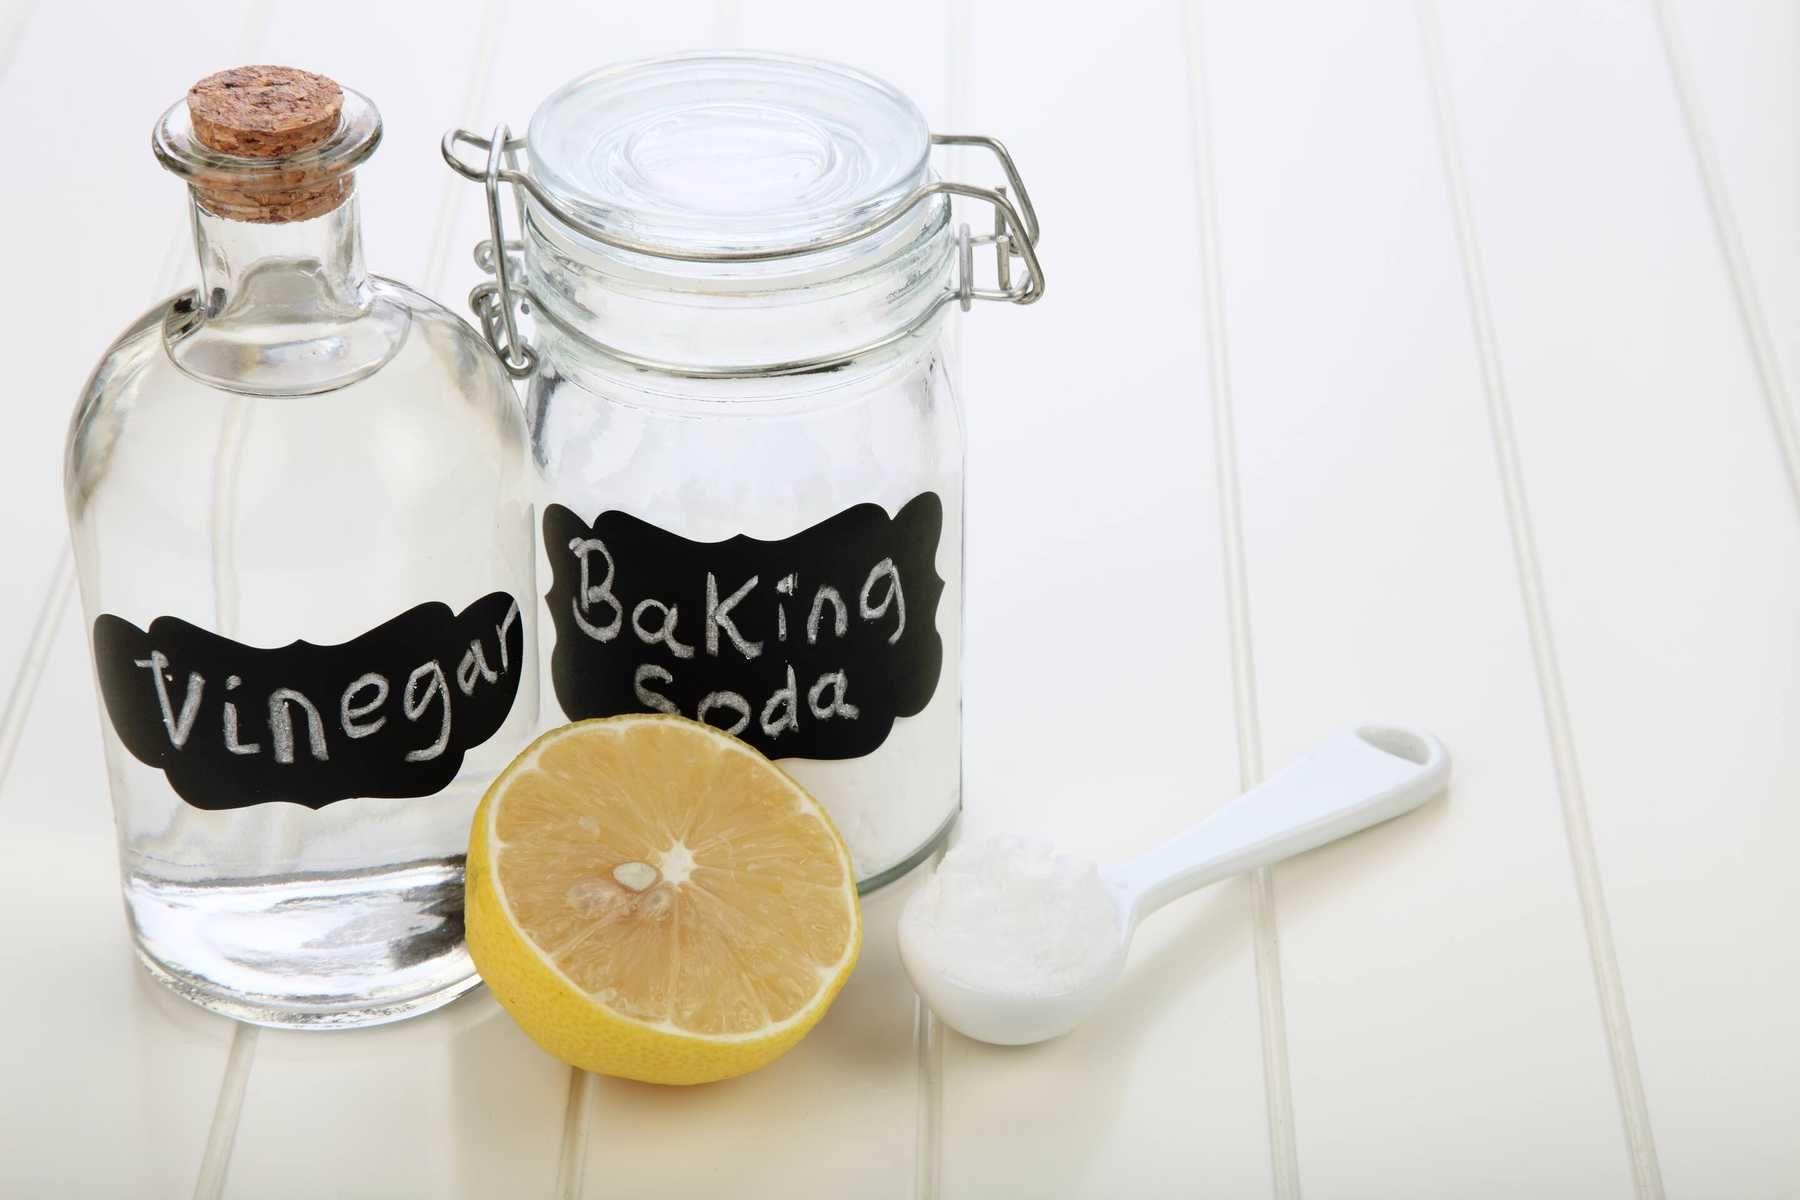 Cách tẩy bồn rửa mặt bằng baking soda và giấm